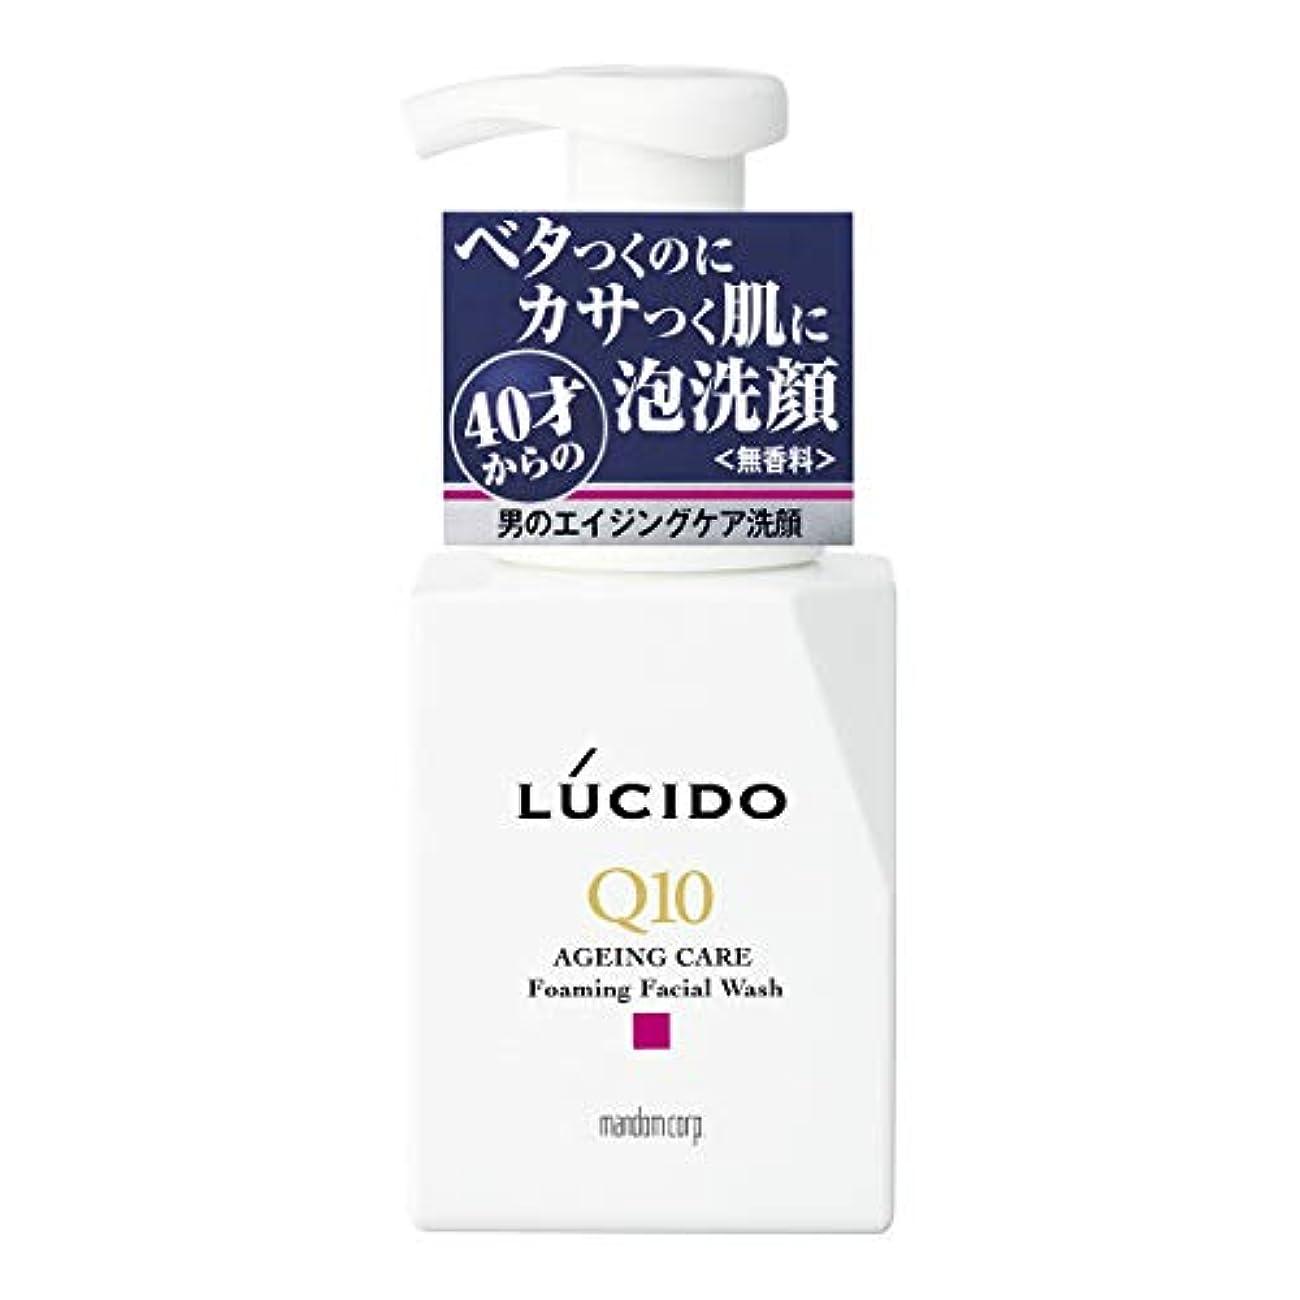 リア王故障中ヨーグルトLUCIDO(ルシード) トータルケア泡洗顔 Q10 150mL